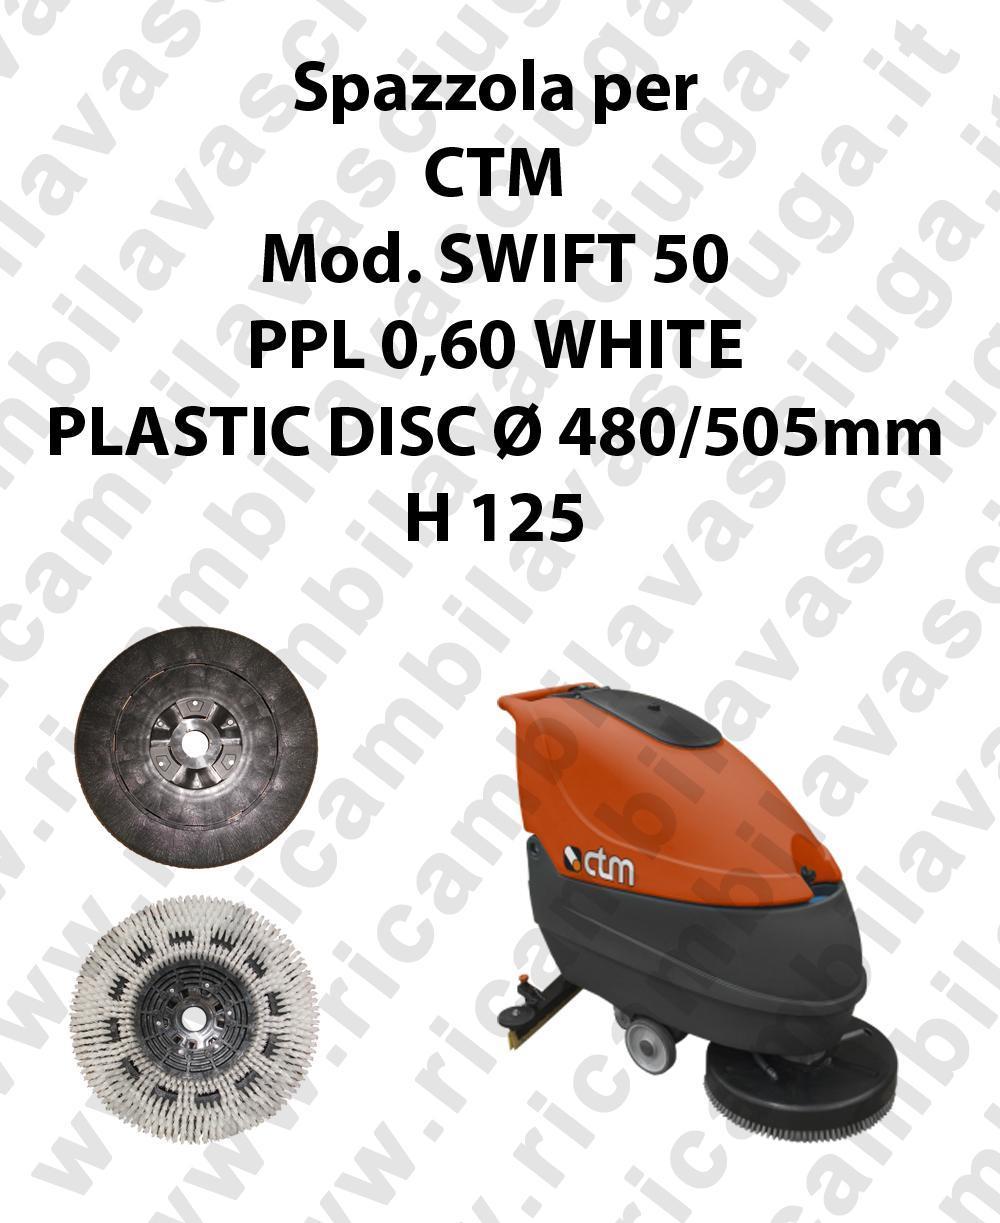 CEPILLO DE LAVADO PPL 0,60 WHITE para fregadora CTM modelo SWIFT 50